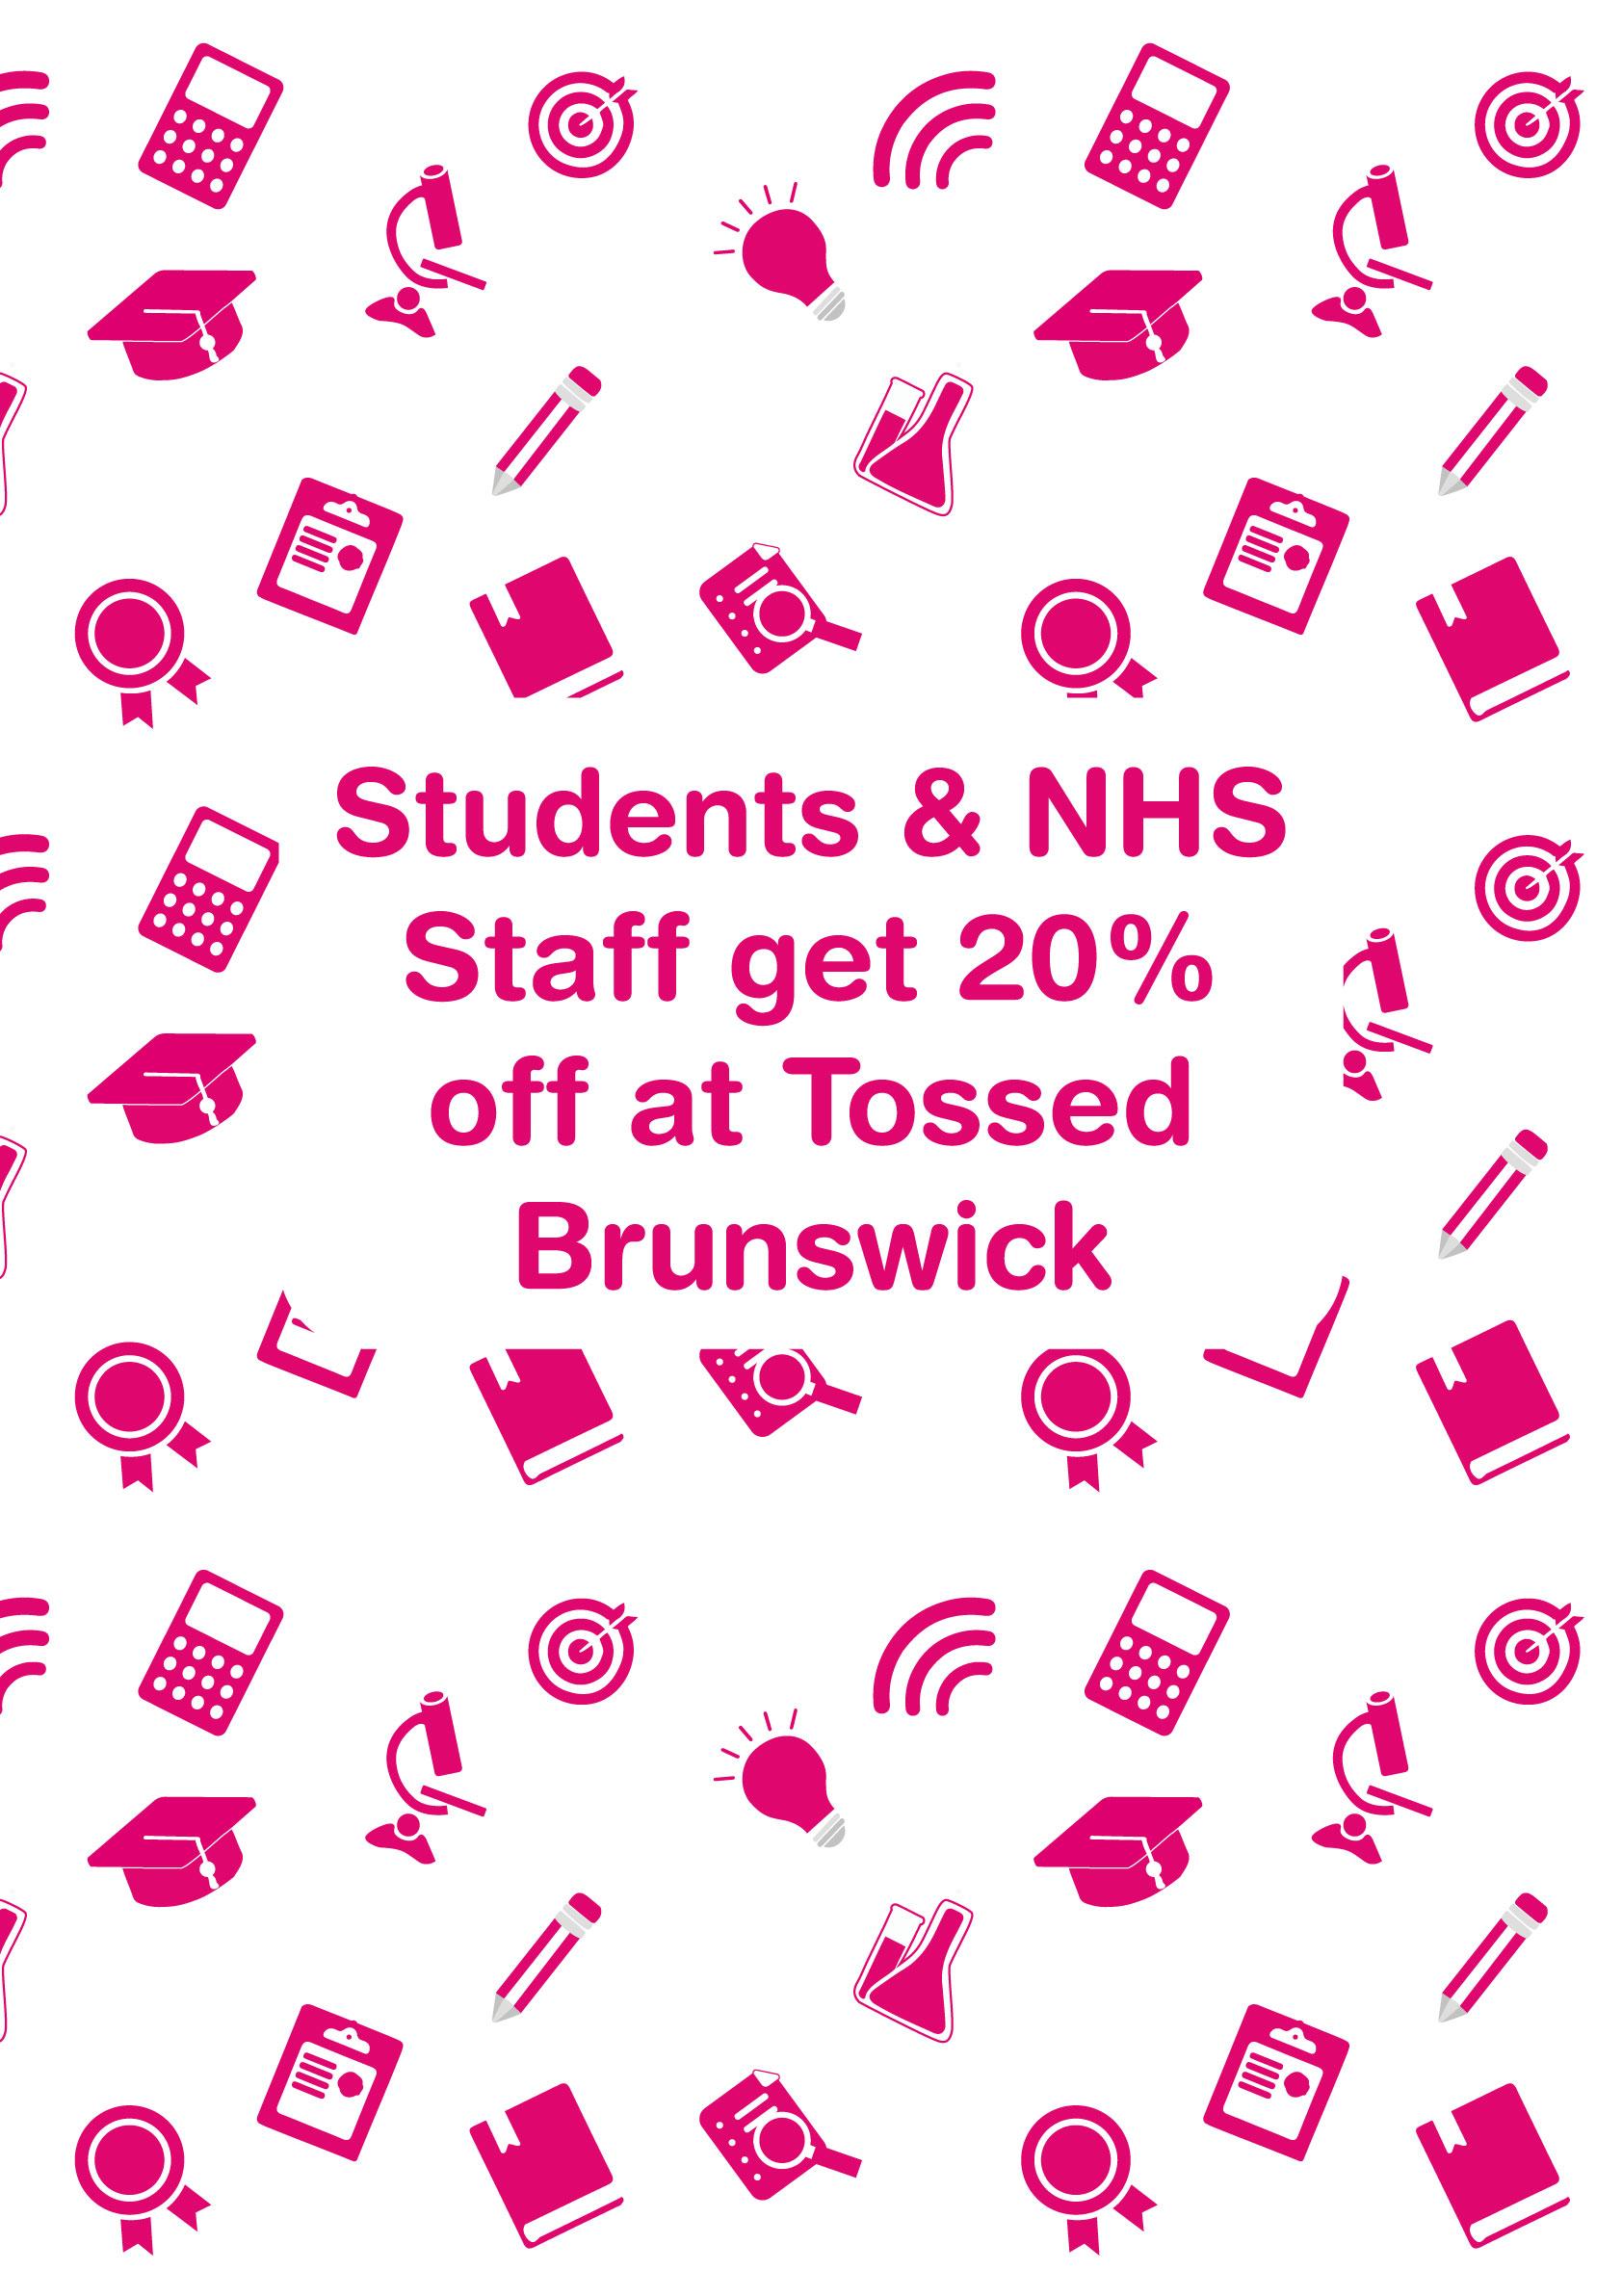 201801_Students-NHS-discount_2.jpg